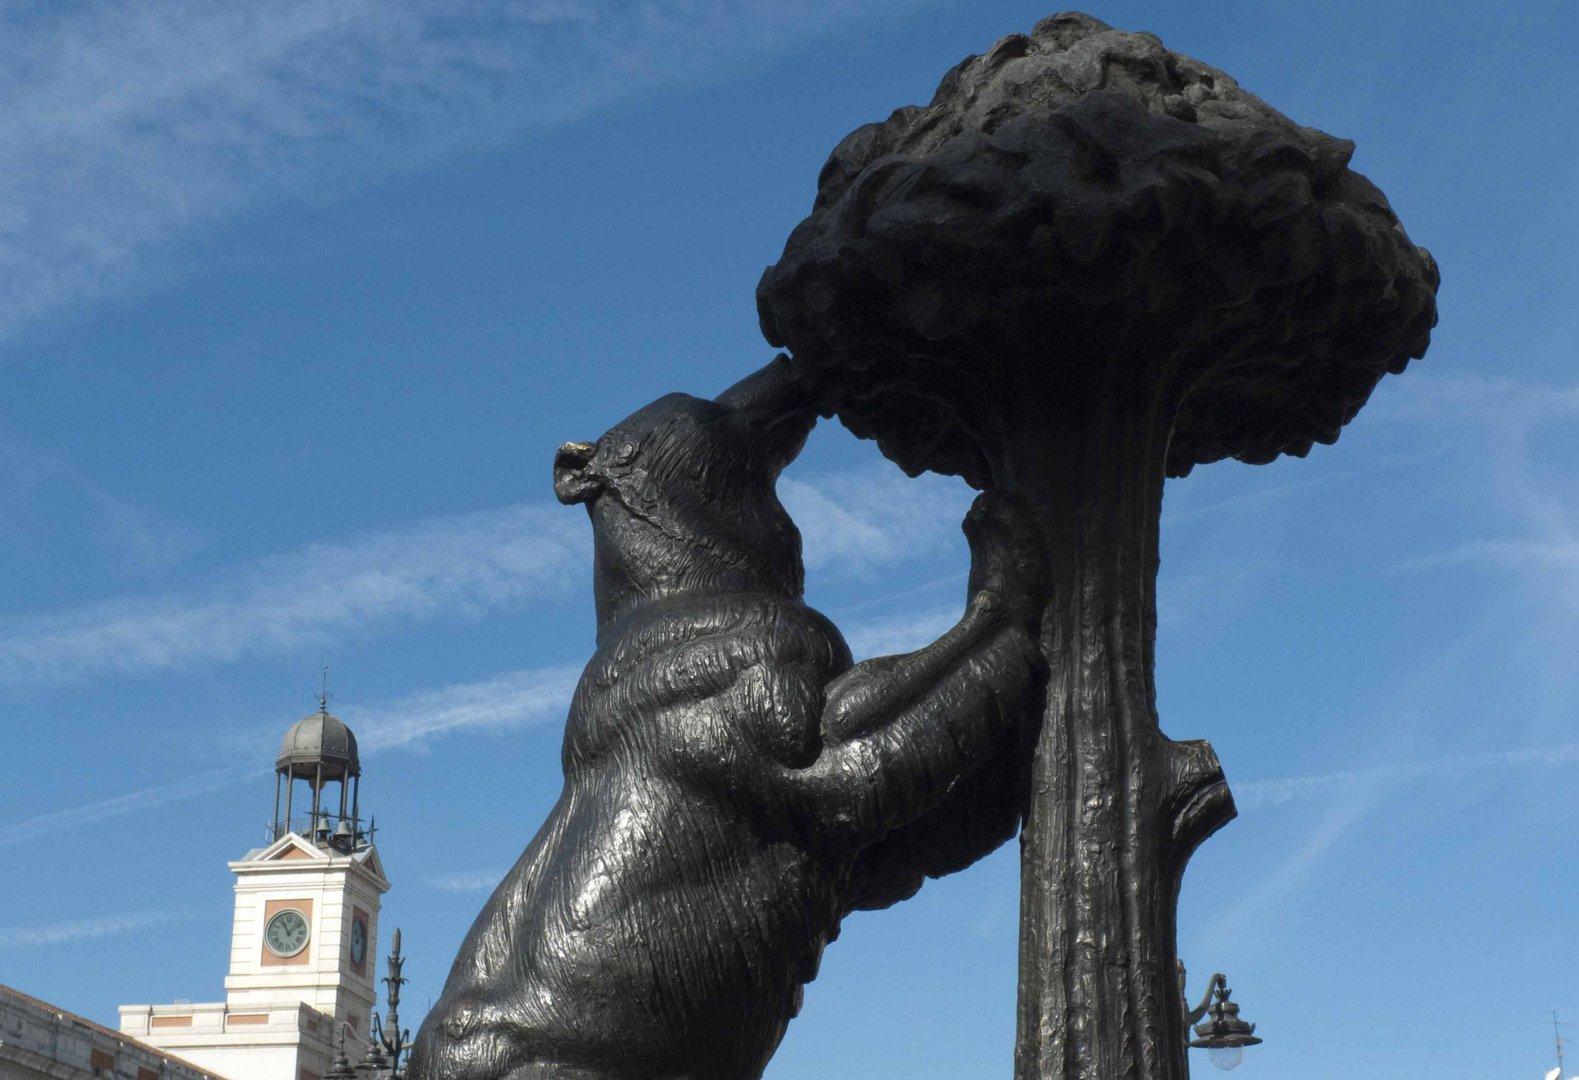 El Oso en la Puerta del Sol